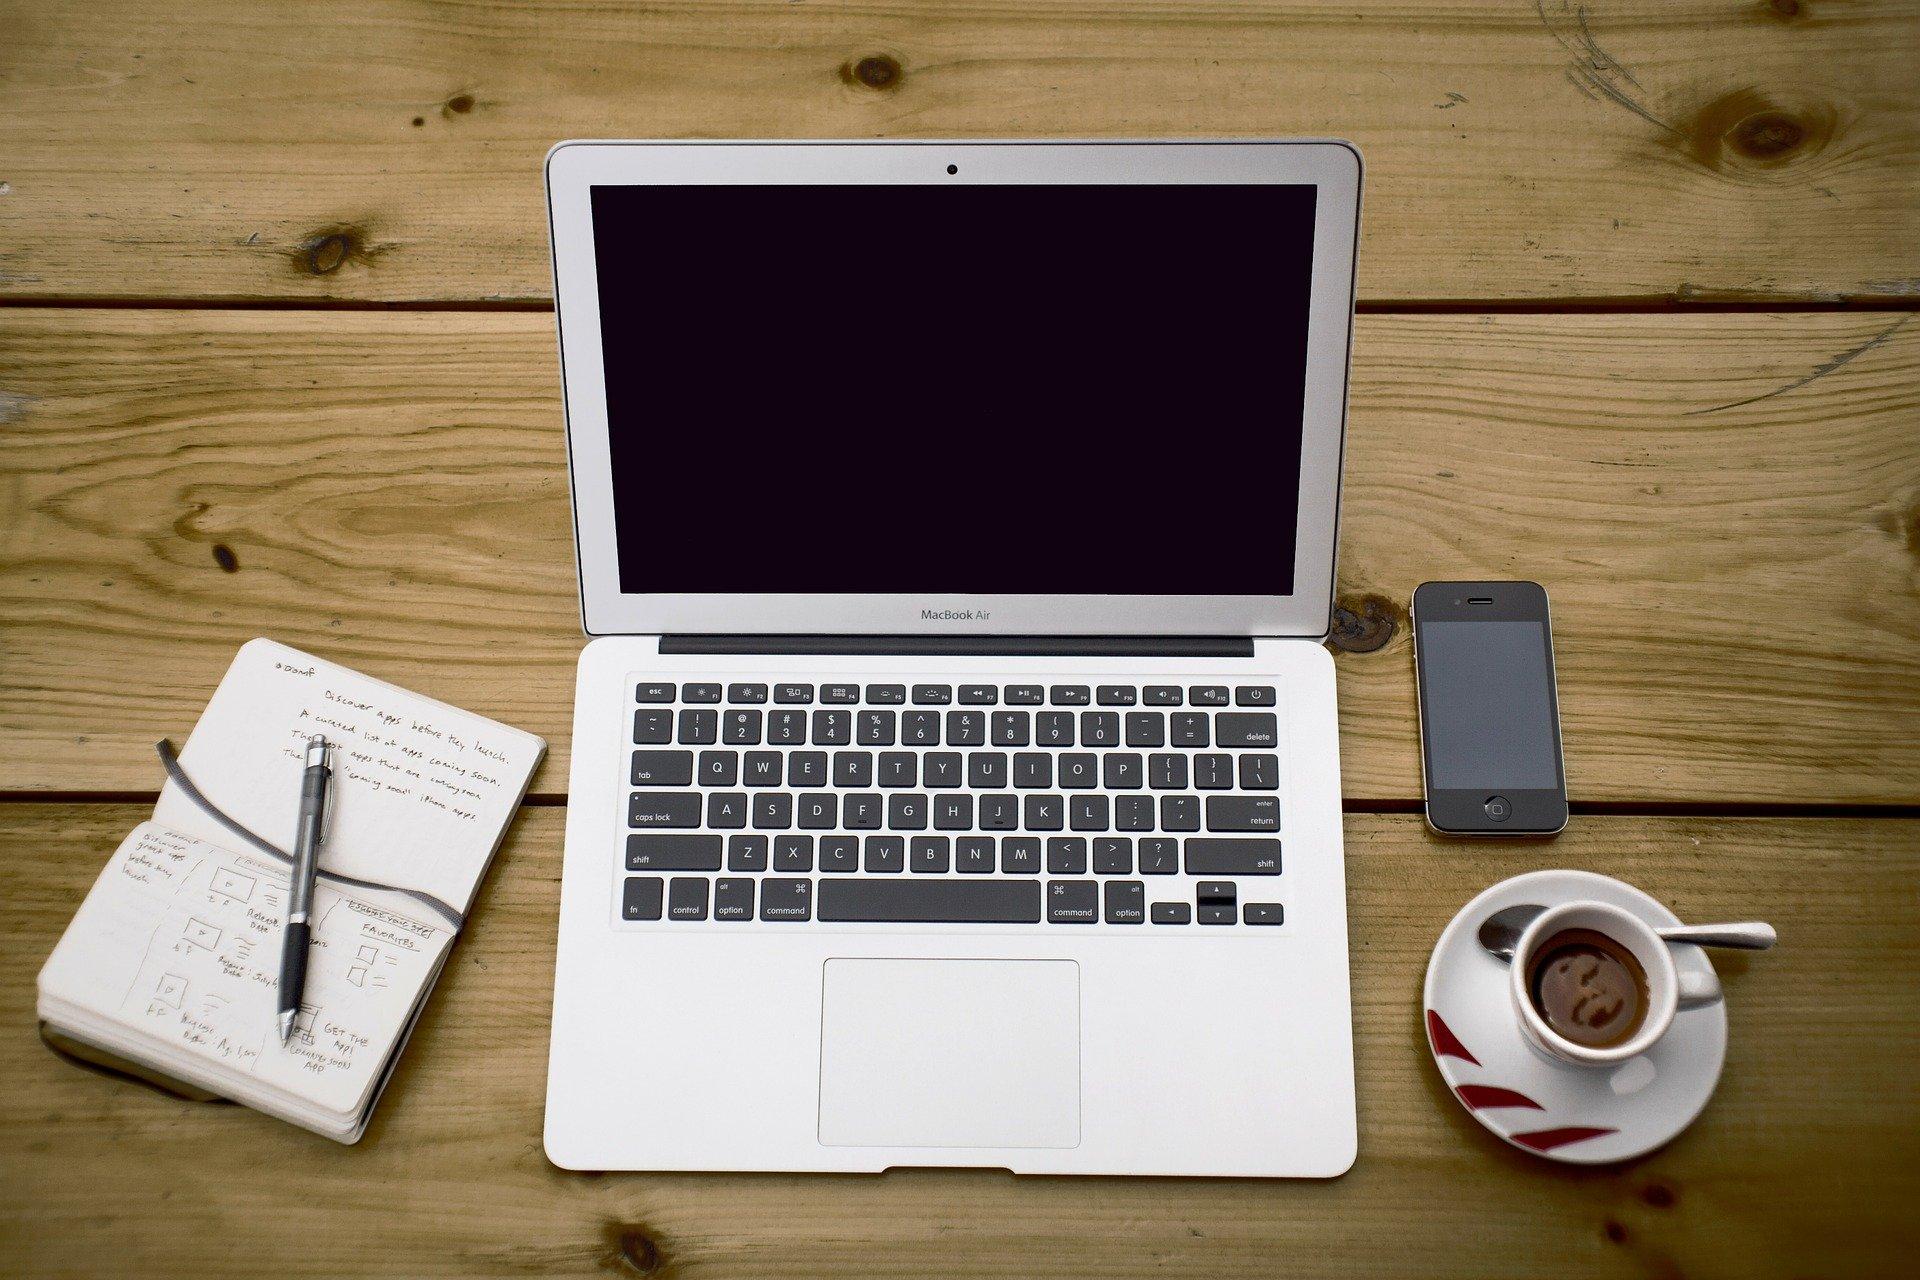 Main image of article: Comment gagner de la visibilité sur internet en tant que freelance ?